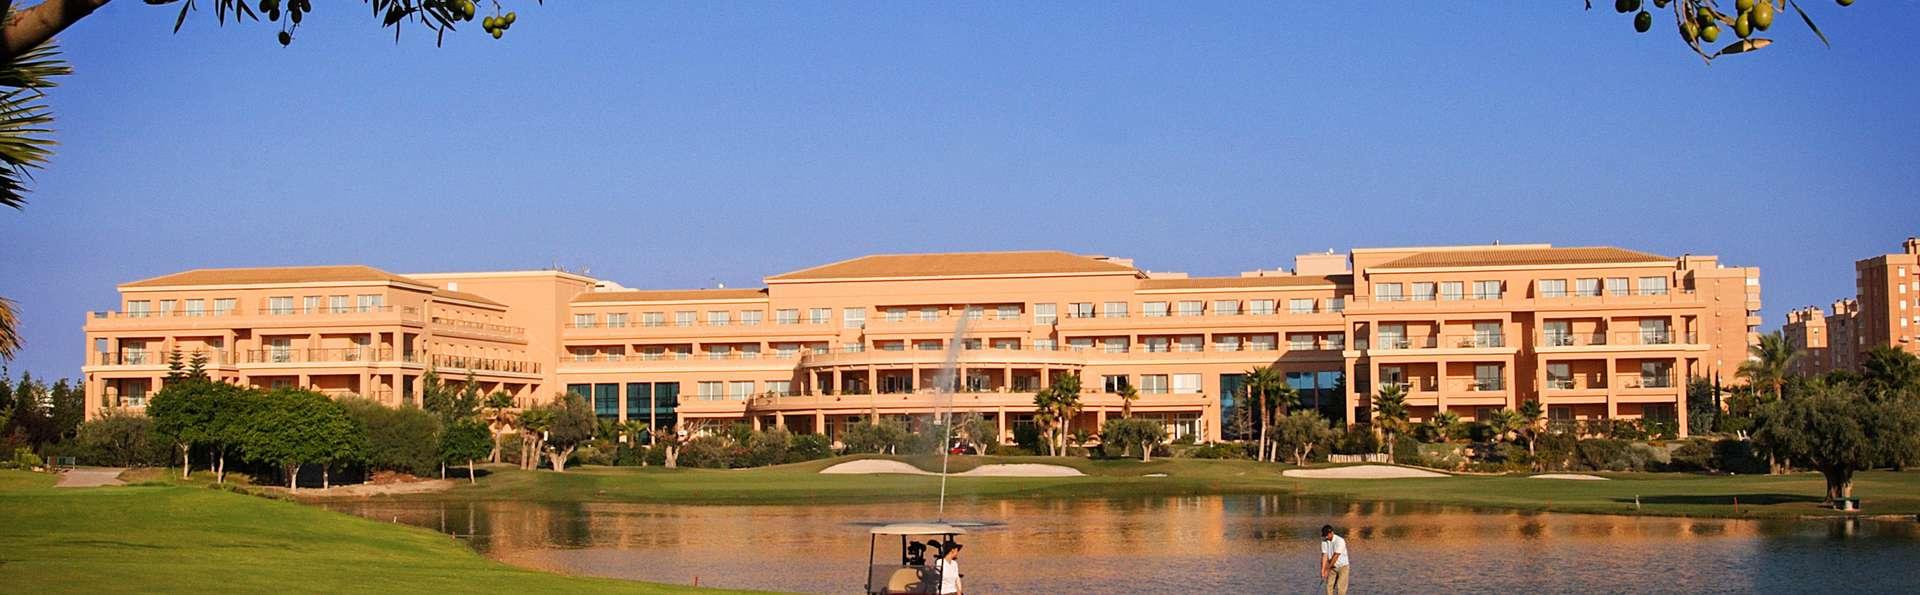 Hotel Alicante Golf - Fachada_Hotel_desde_el_Campo_de_golf__2_.JPG